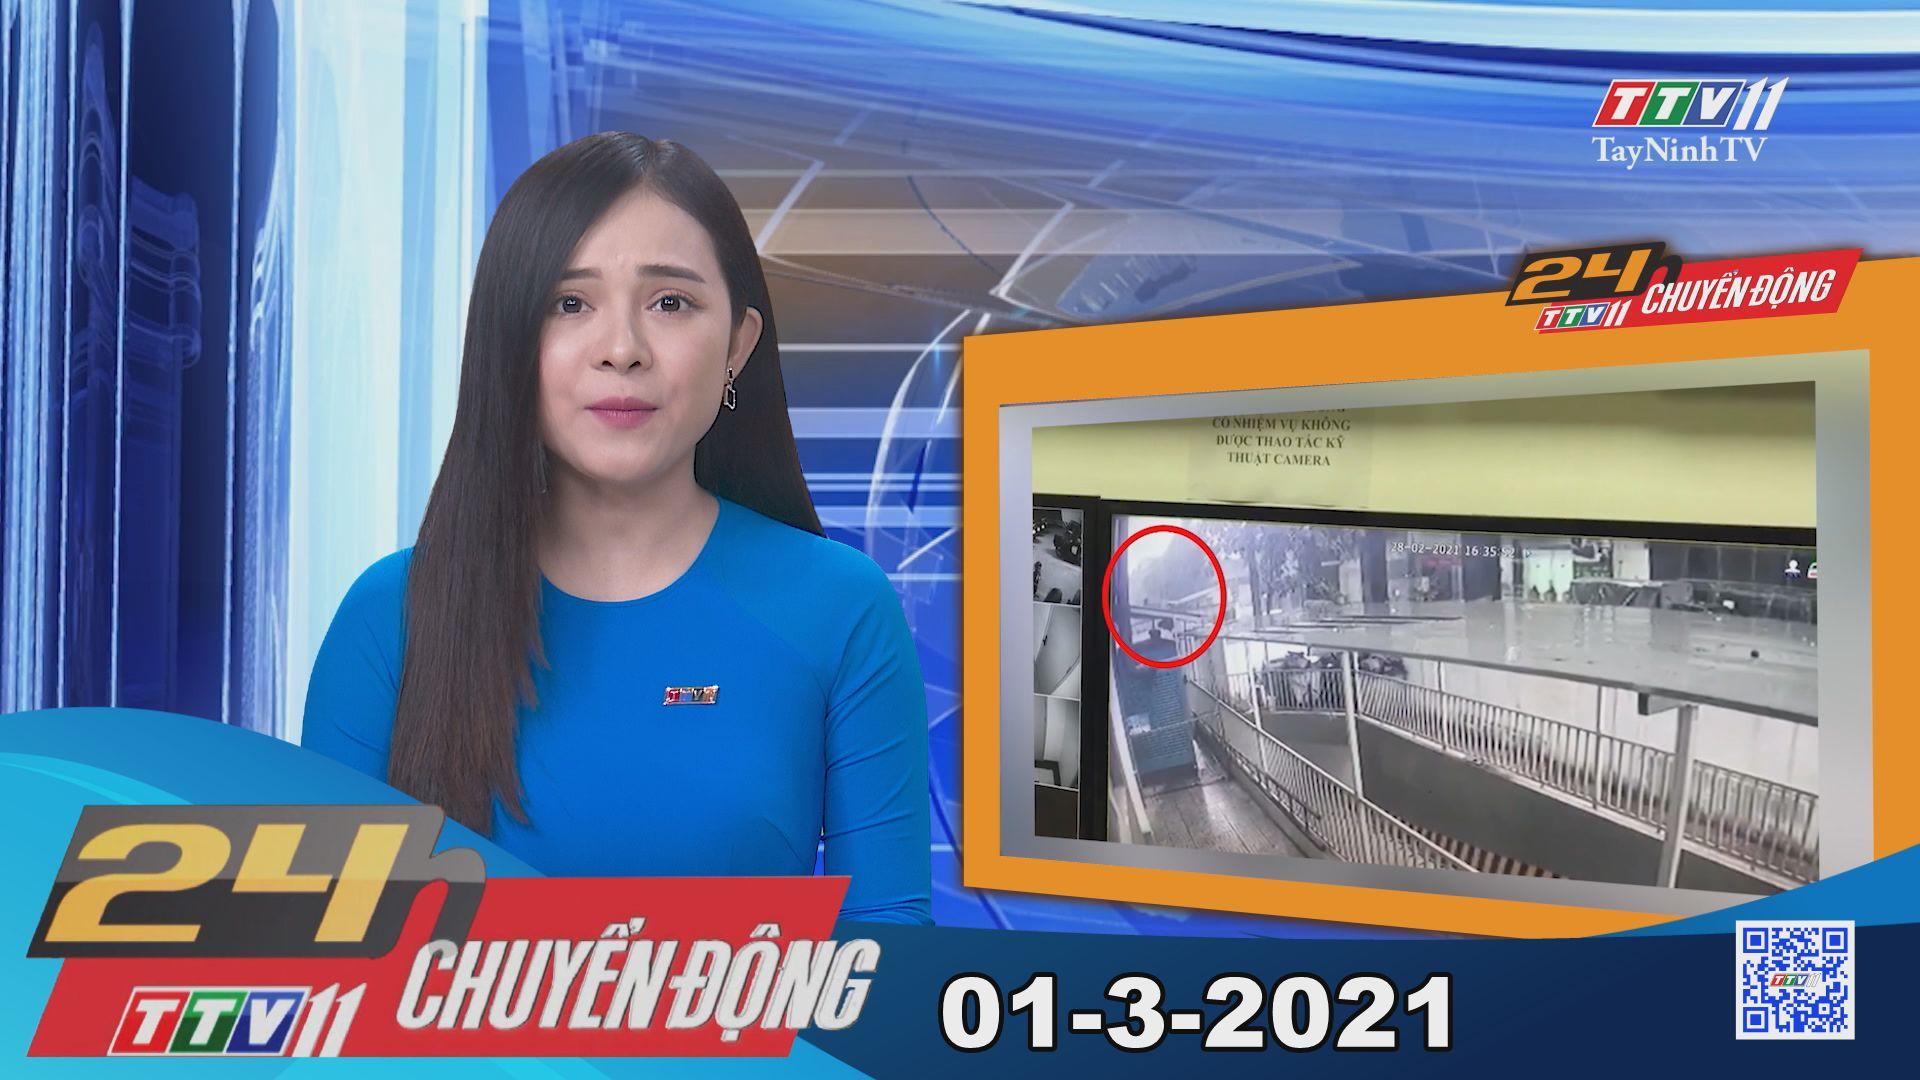 24h Chuyển động 01-3-2021 | Tin tức hôm nay | TayNinhTV